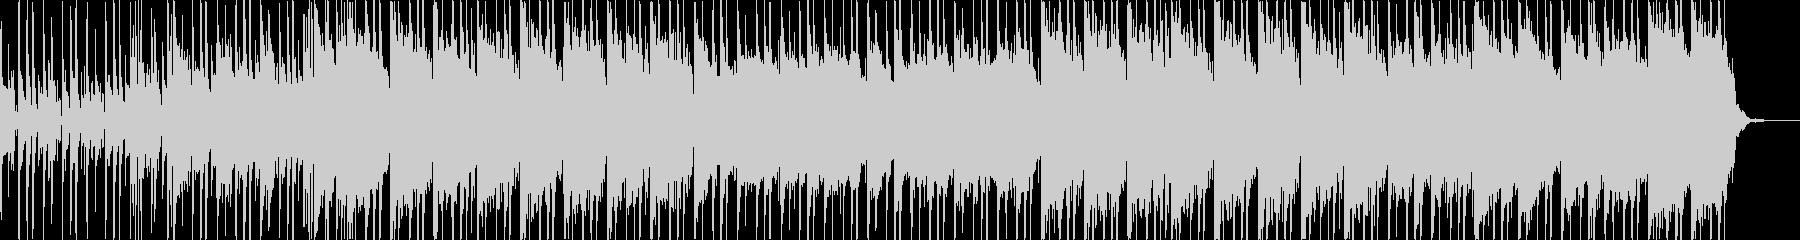 大人の雰囲気のシティファンクBGMの未再生の波形